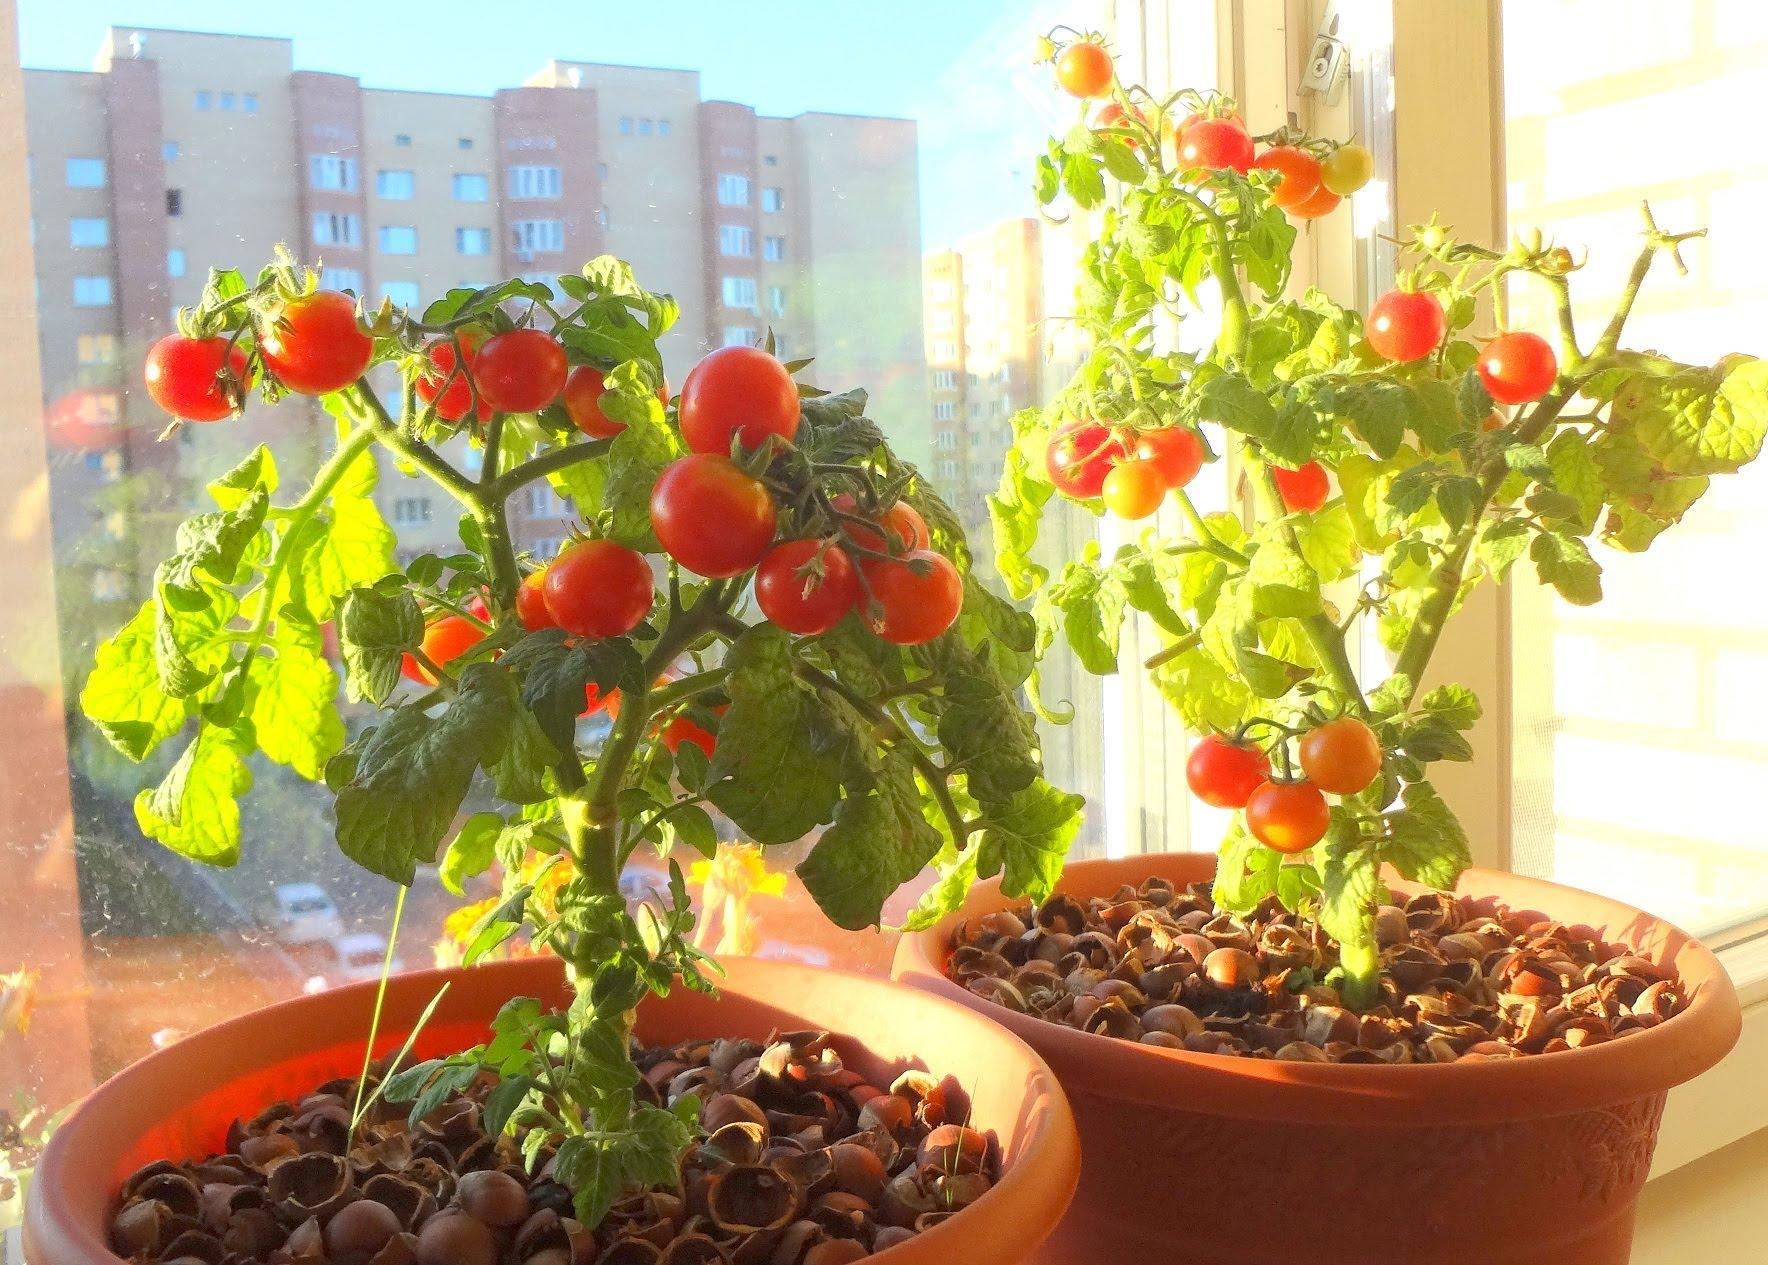 когда лучше садить помидоры для балкона фото достаточно